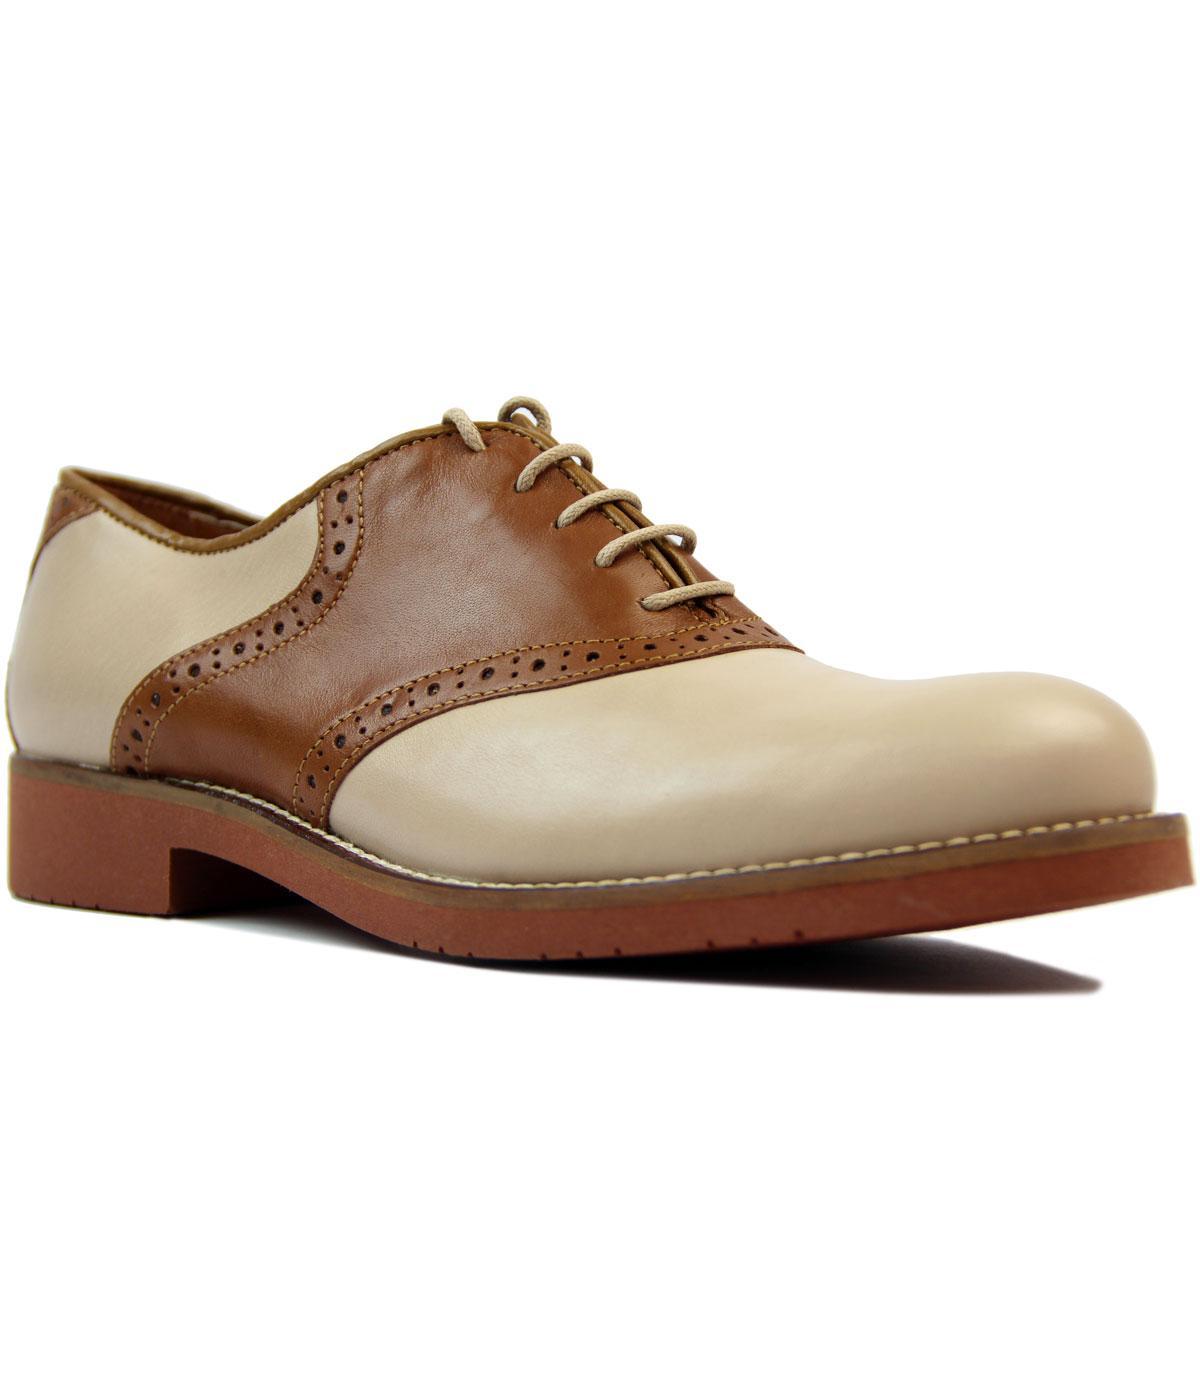 Bass Saddle Shoes Uk